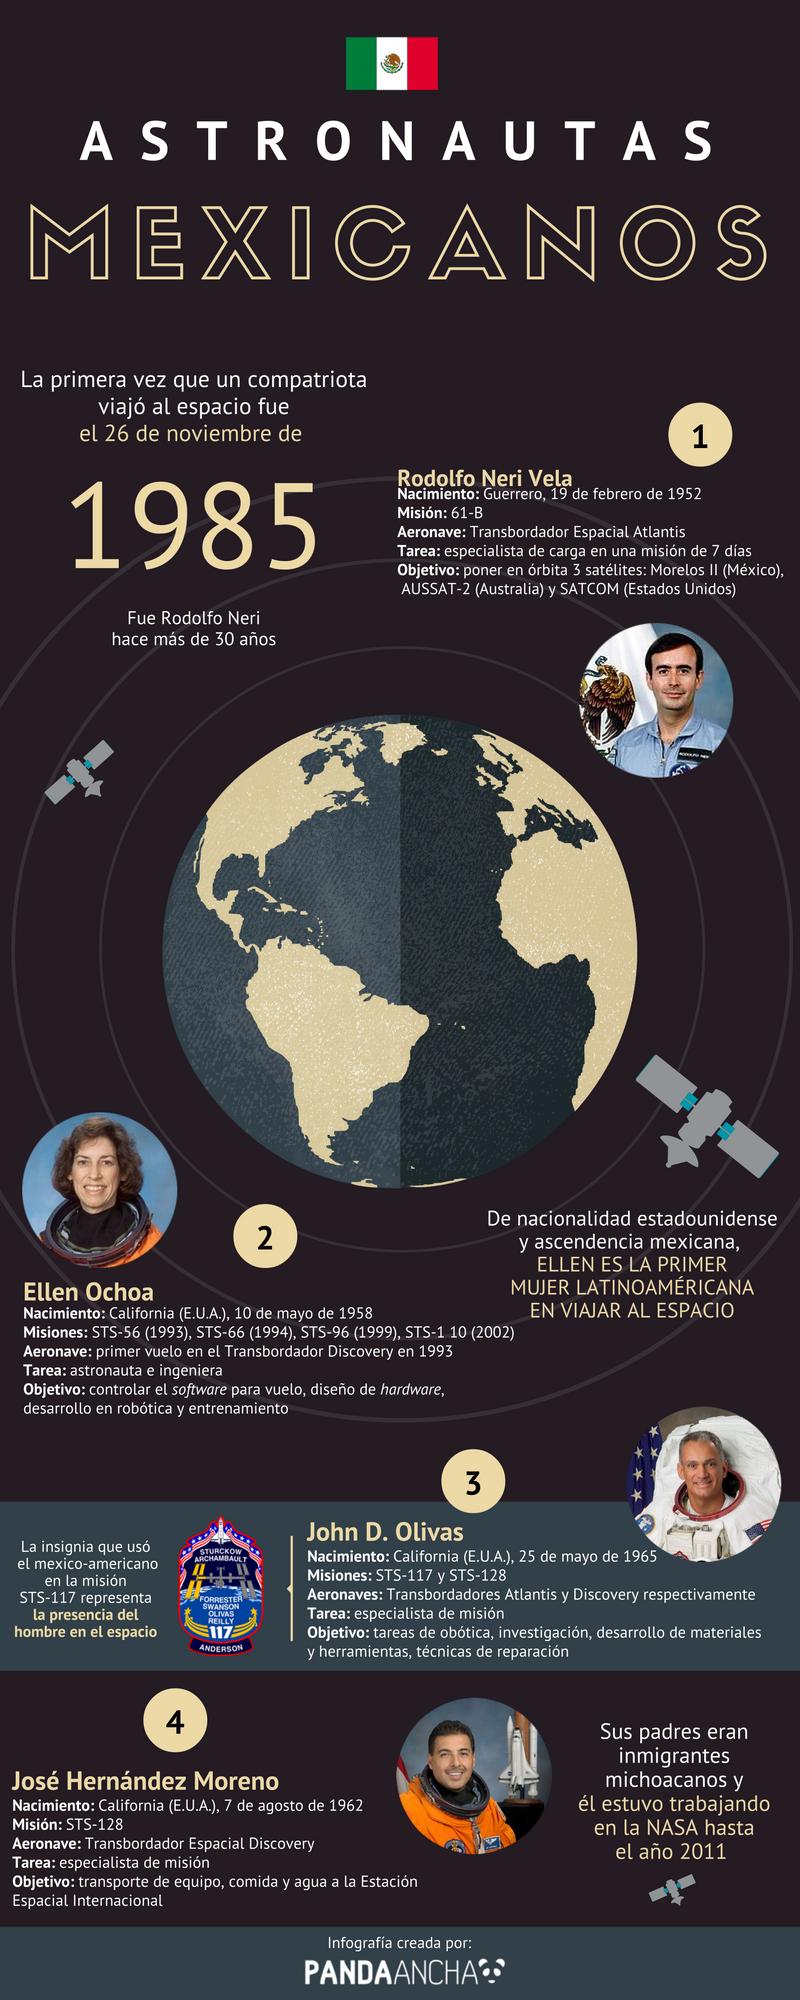 Astronautas mexicanos